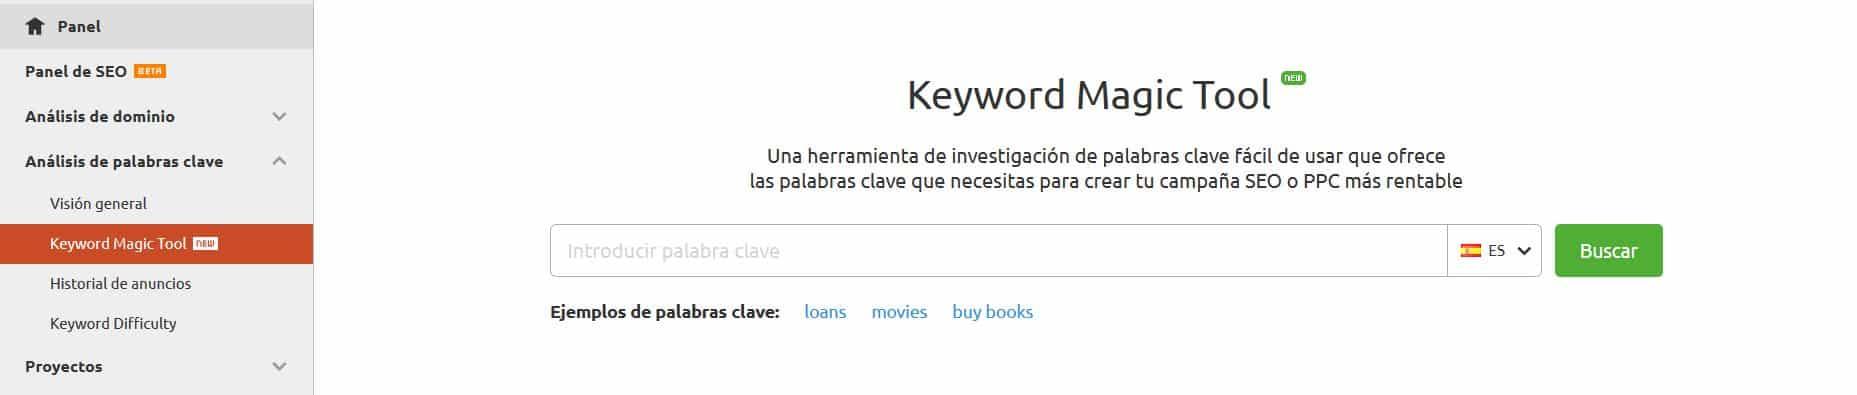 semrush1 - ¿Qué es una keyword? Las mejores herramientas SEO para buscar palabras clave en 2019